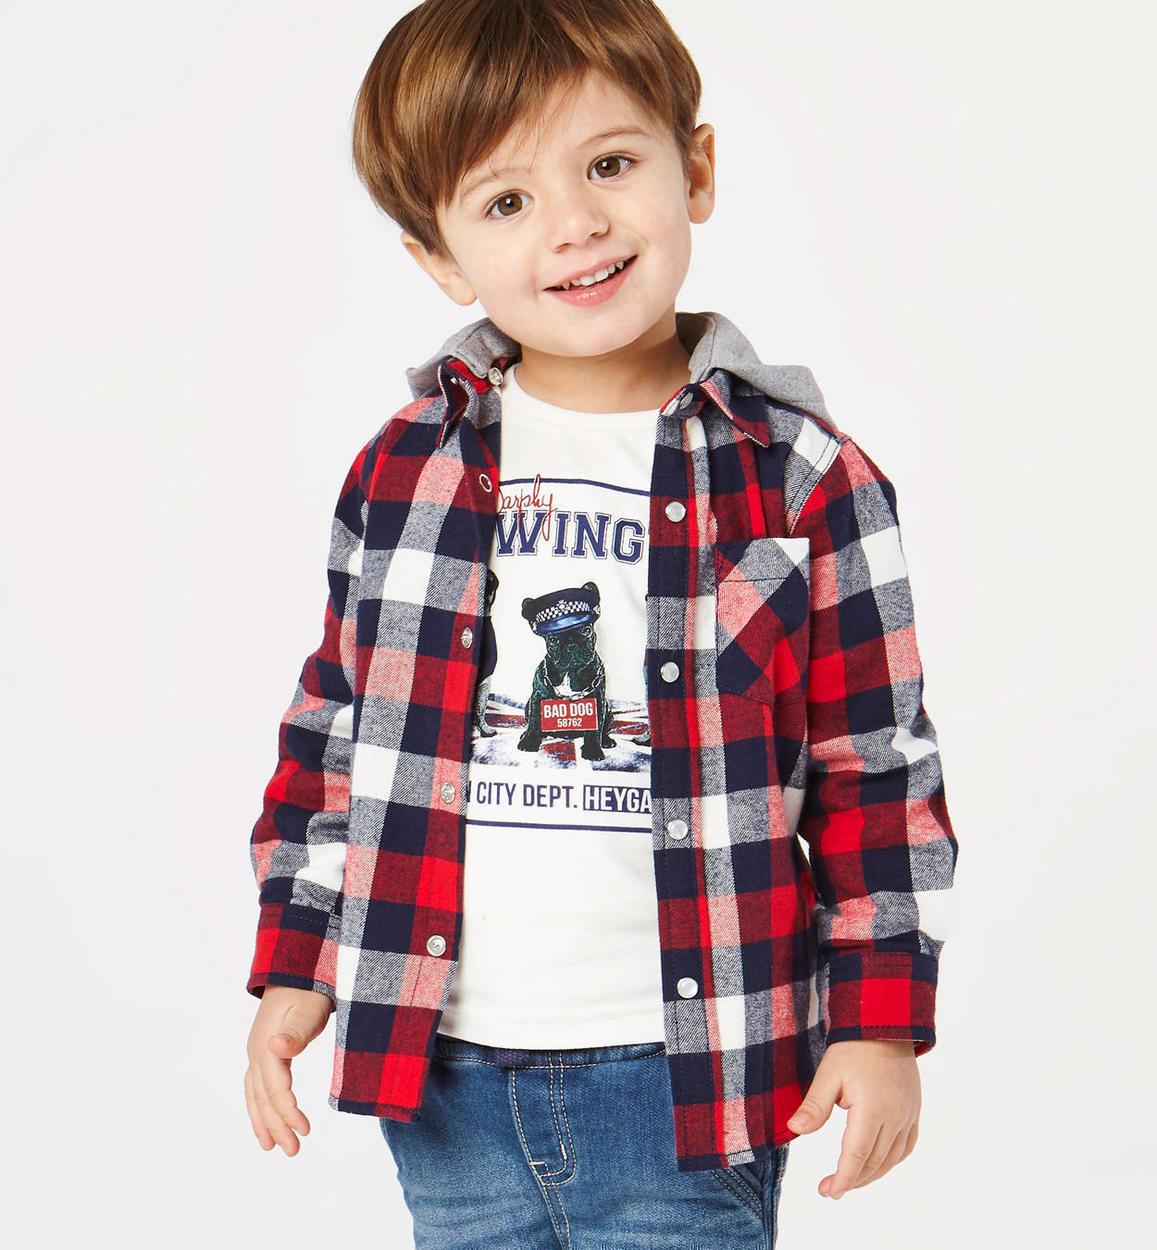 Camicia a quadri con cappuccio staccabile per bambino da 6 mesi a 7 anni  Sarabanda ROSSO bc02b19fc8d